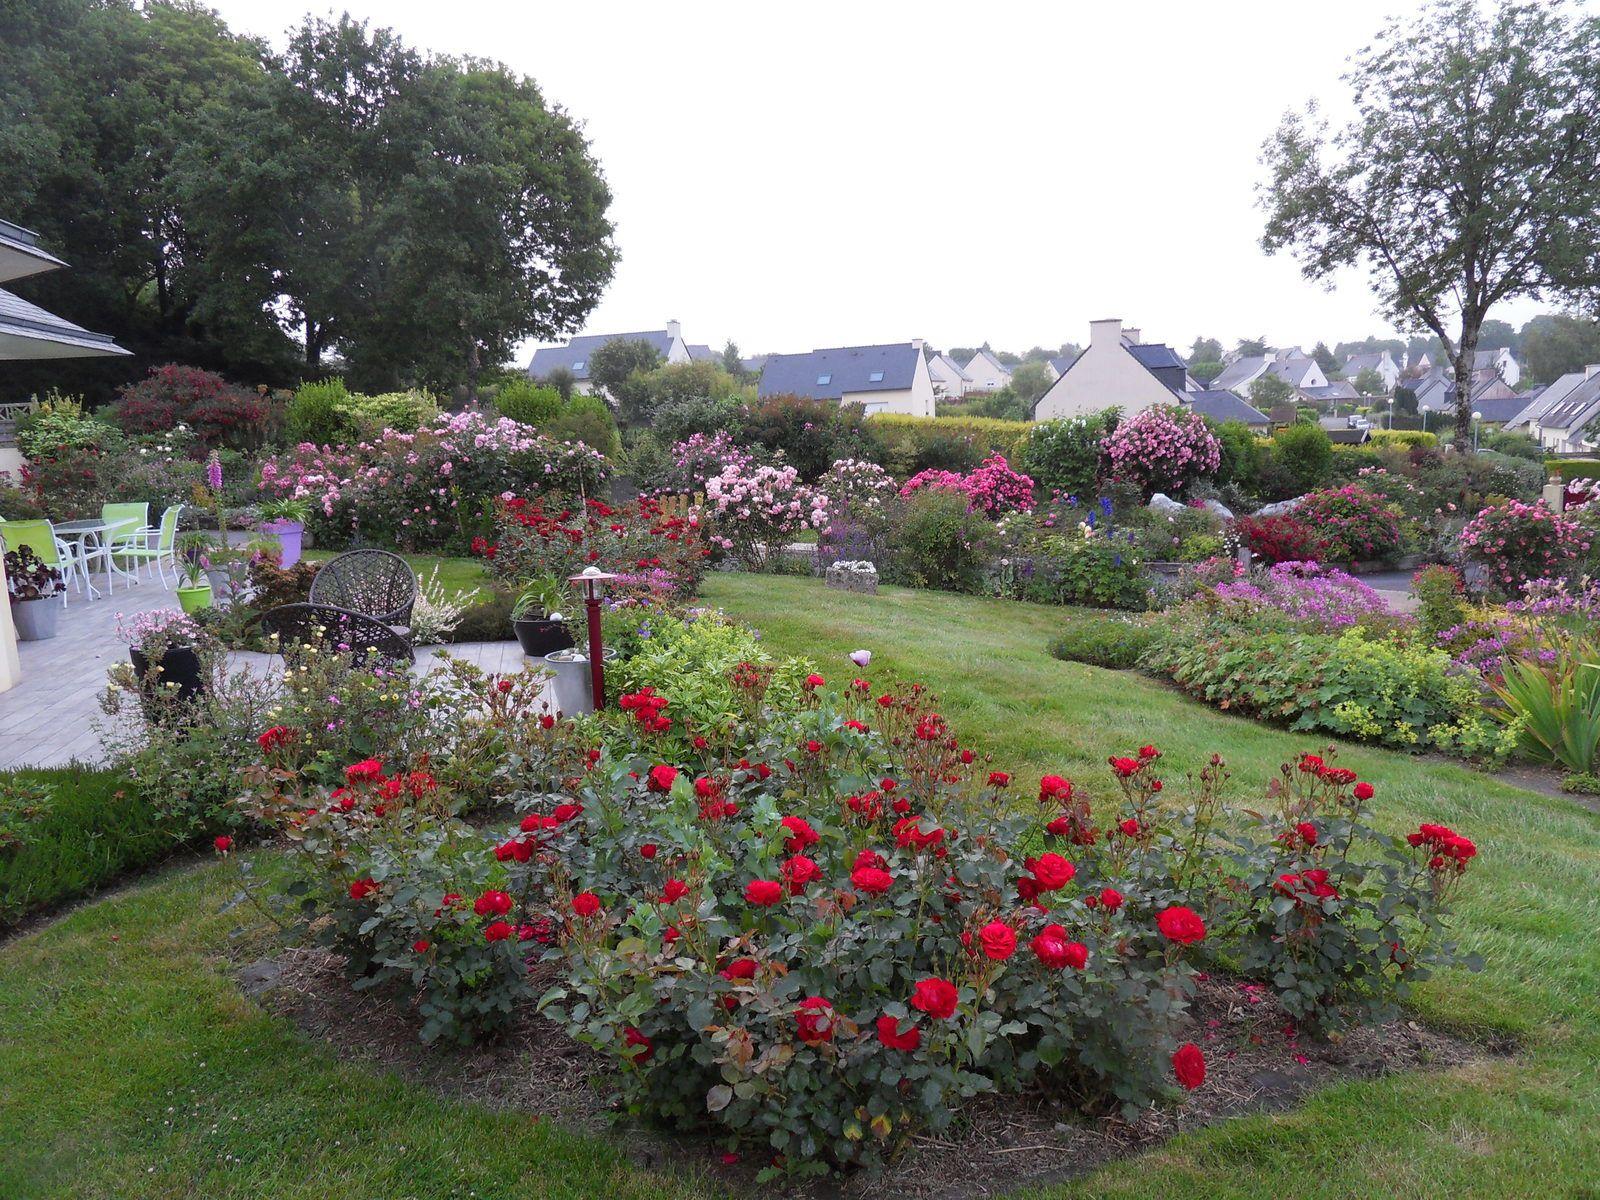 Le jardin ouvre pour jardin art et soin !!!!!